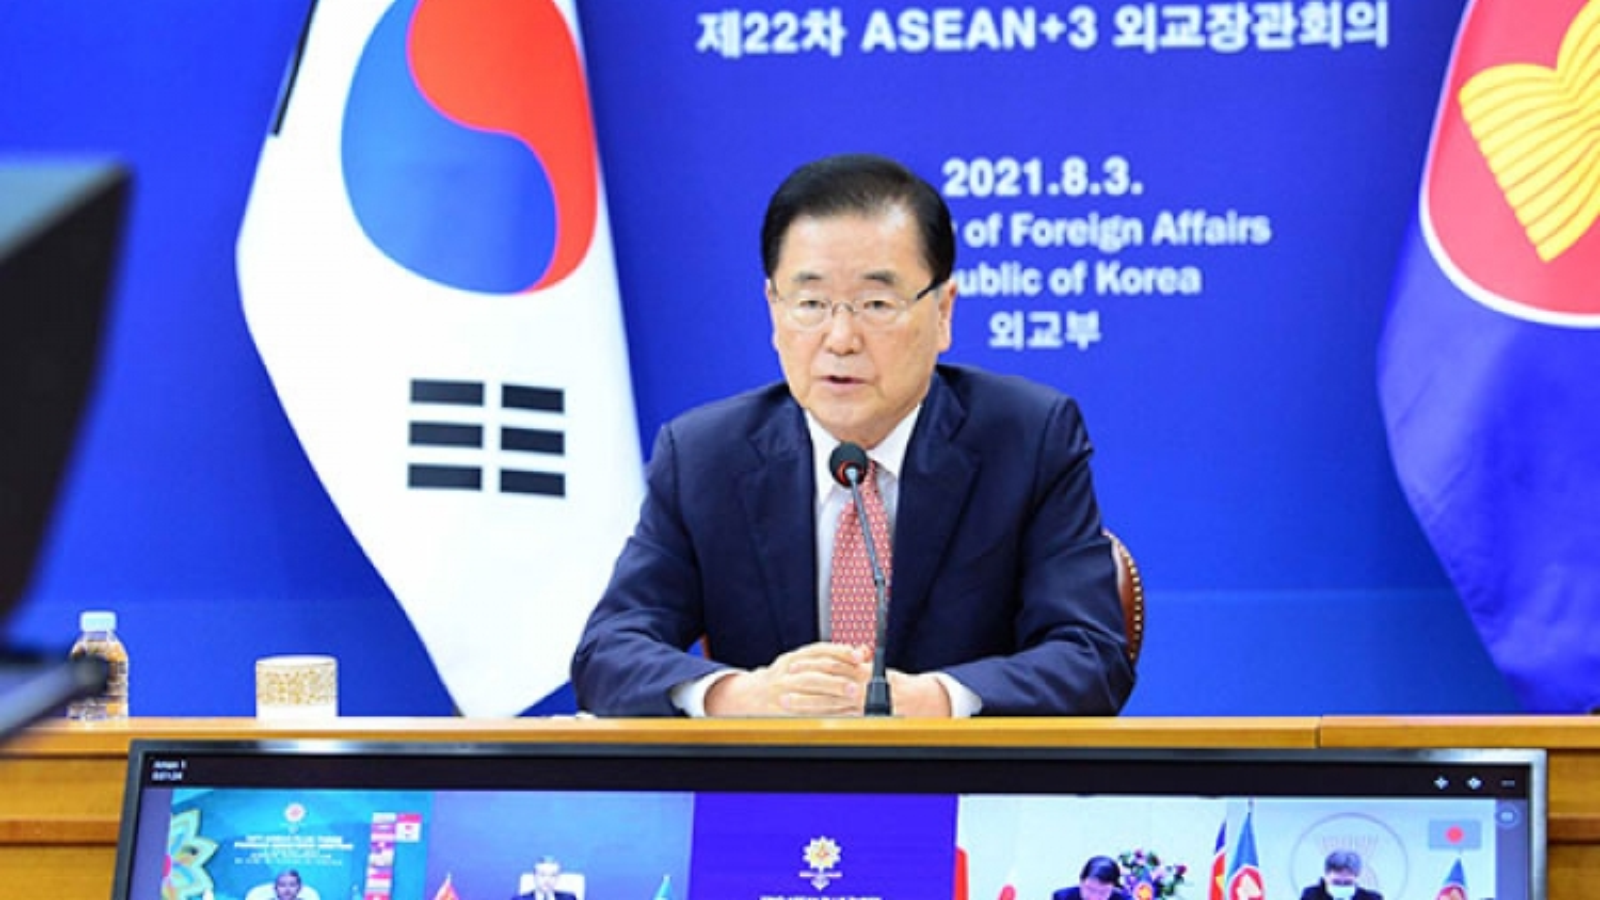 Hàn Quốc thể hiện quyết tâm nối lại đối thoại liên Triều, hợp tác trong vấn đề Biển Đông